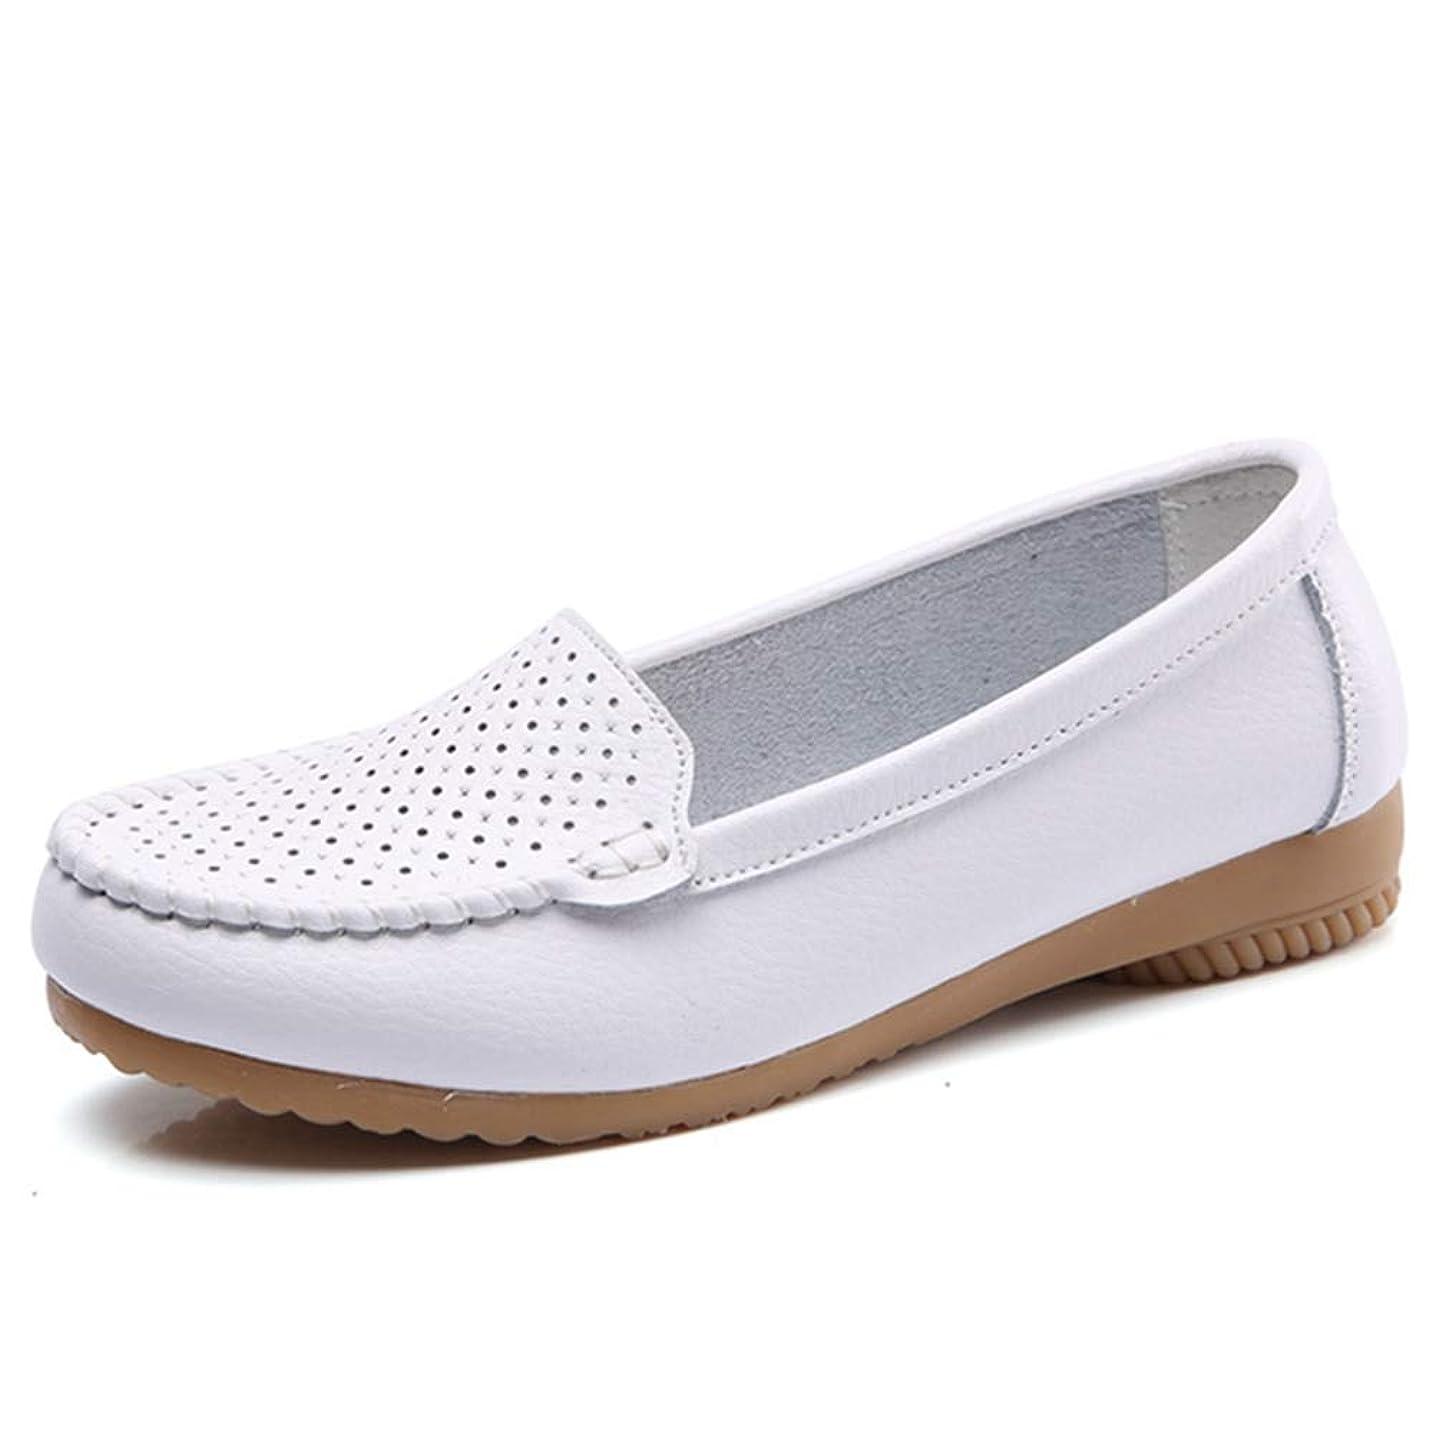 レディース ラウンドトゥ パンプス メッシュ フラットシューズ 痛くない 歩きやすい 透かし ぺたんこ ブラック 黒 ローヒール フラット かわいい 美脚 ママシューズ 大きいサイズ 小さいサイズ 大人 走れる靴